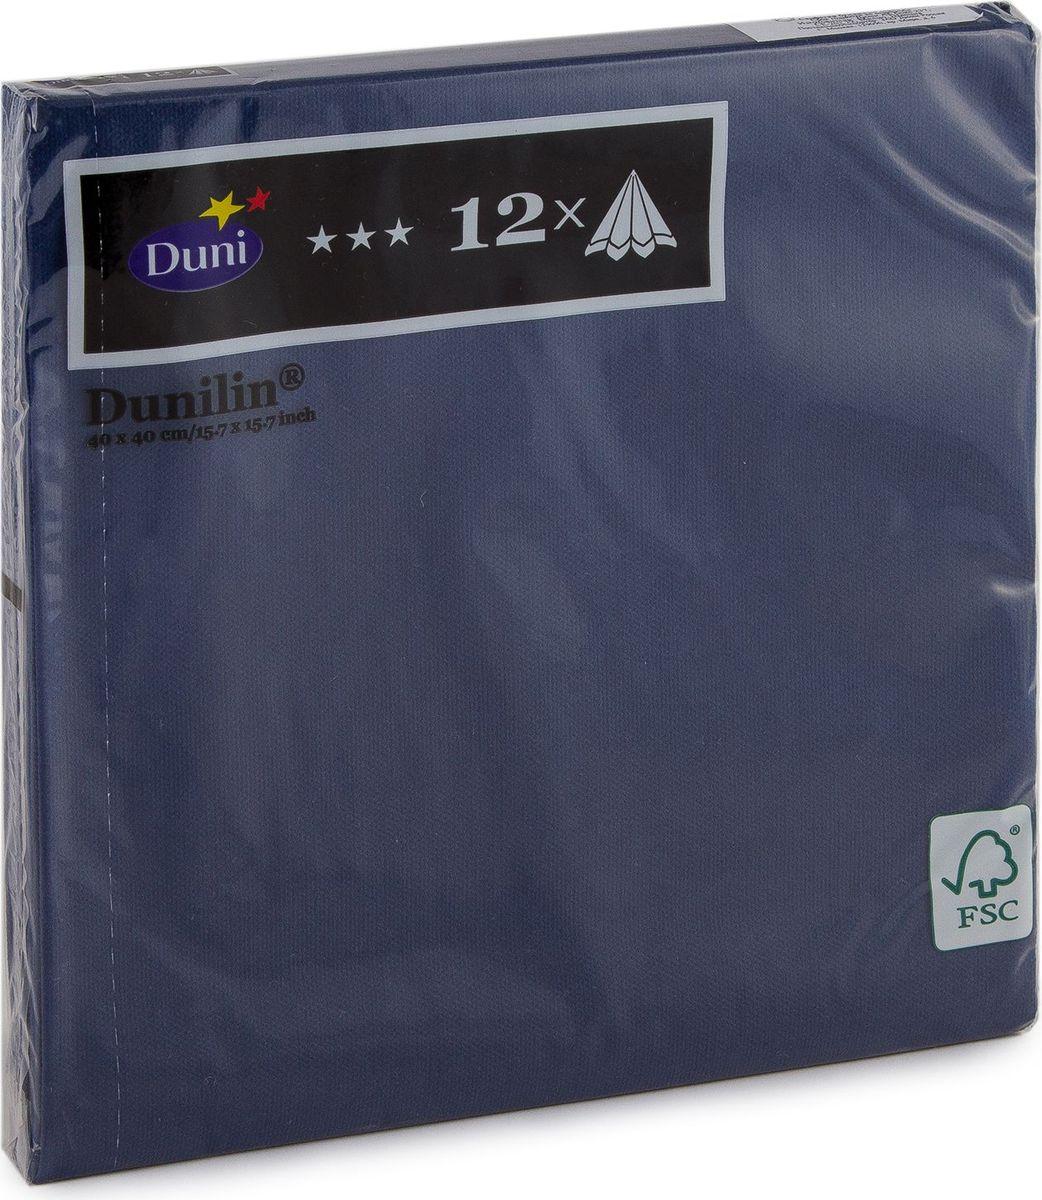 Салфетки бумажные Duni Lin Soft, цвет: синий, 40 см. 148382148382Многослойные бумажные салфетки изготовлены из экологически чистого, высококачественного сырья - 100% целлюлозы. Салфетки выполнены в оригинальном и современном стиле, прекрасно сочетаются с любым интерьером и всегда будут прекрасным и незаменимым украшением стола.